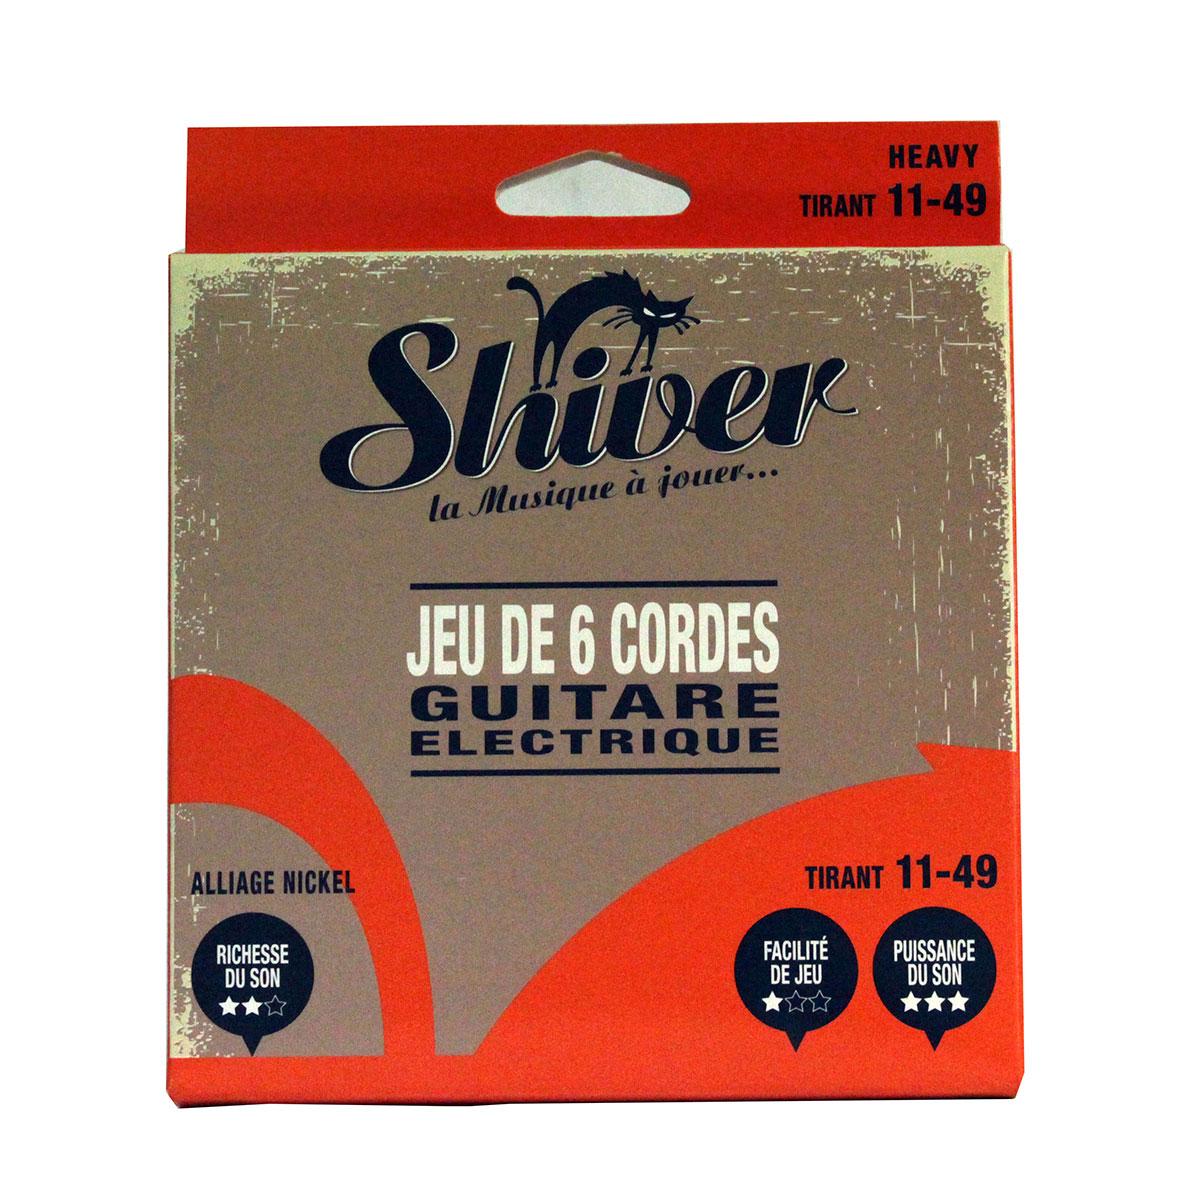 Shiver - Jeu 6 cordes guitare électrique 11-49 basic